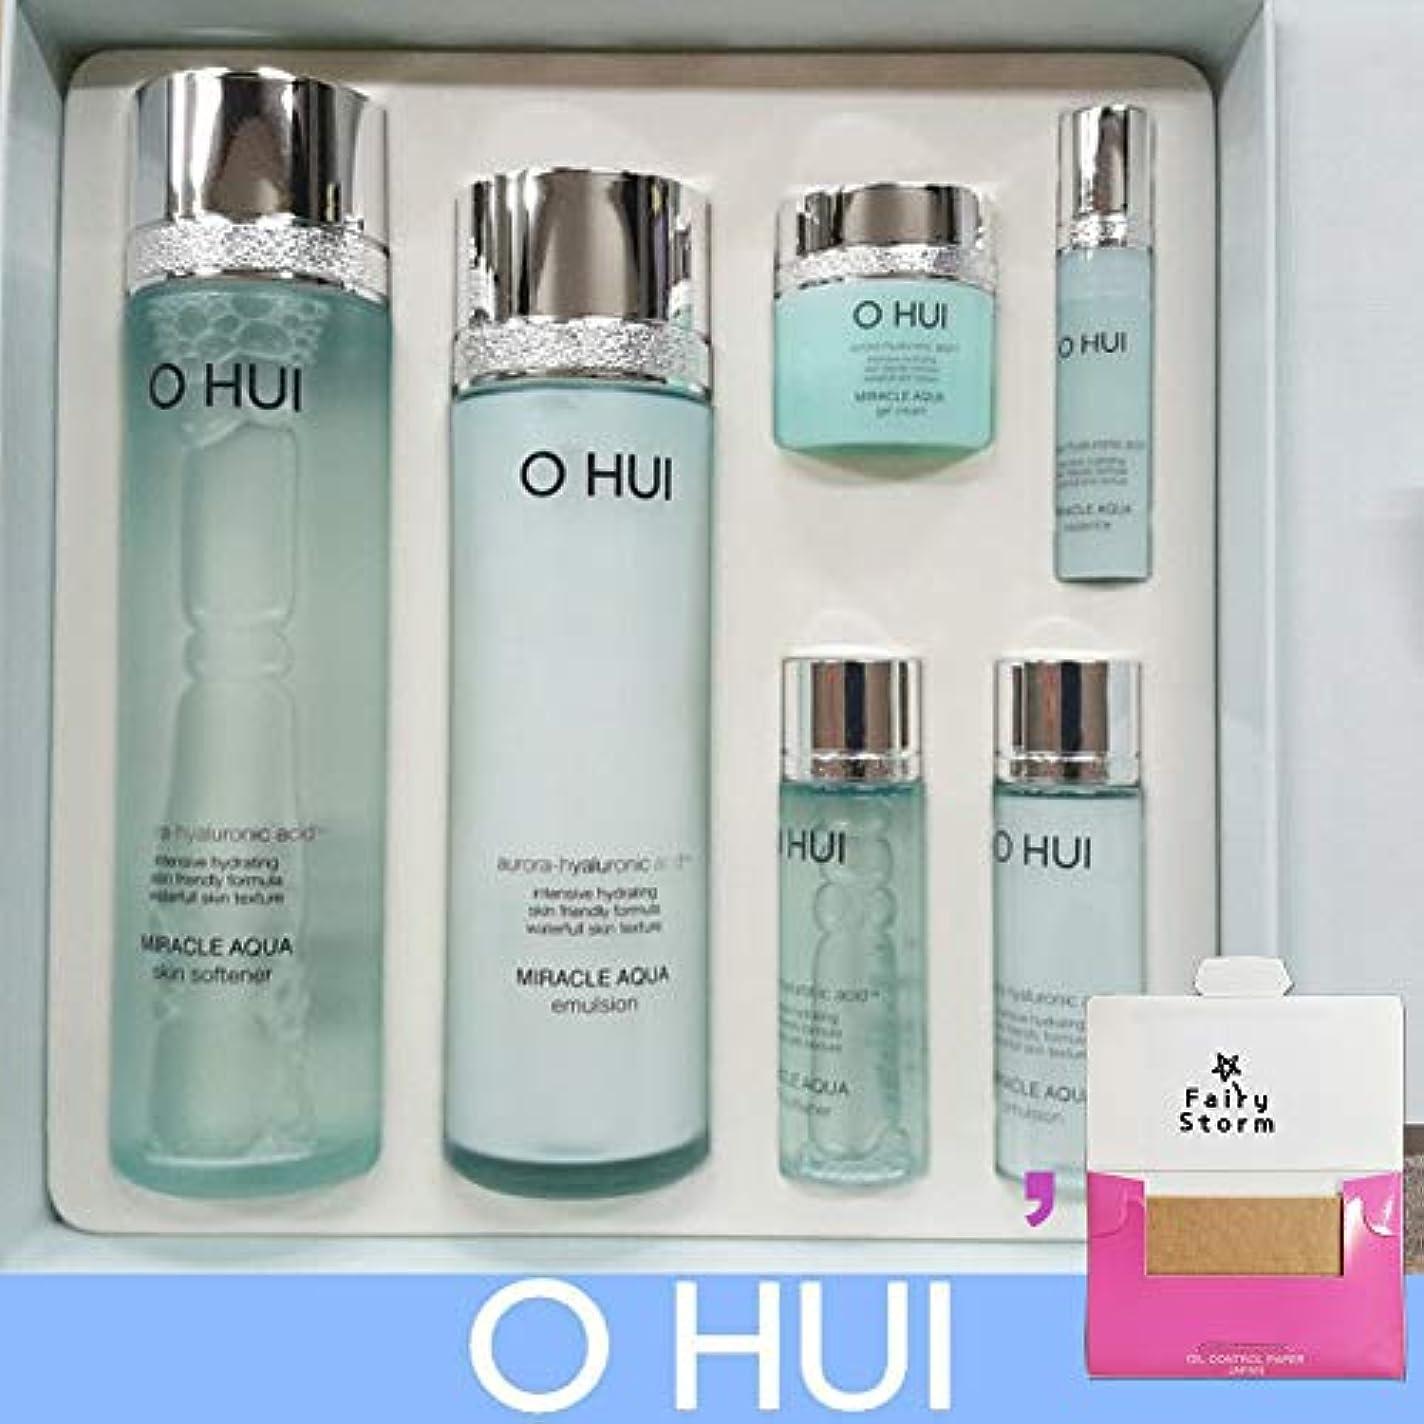 アクティビティブート読書をする[オフィ/O HUI]韓国化粧品LG生活健康/O HUI MIRACLE AQUA SPECIAL SET/ミラクルアクア2種セット+[Sample Gift](海外直送品)